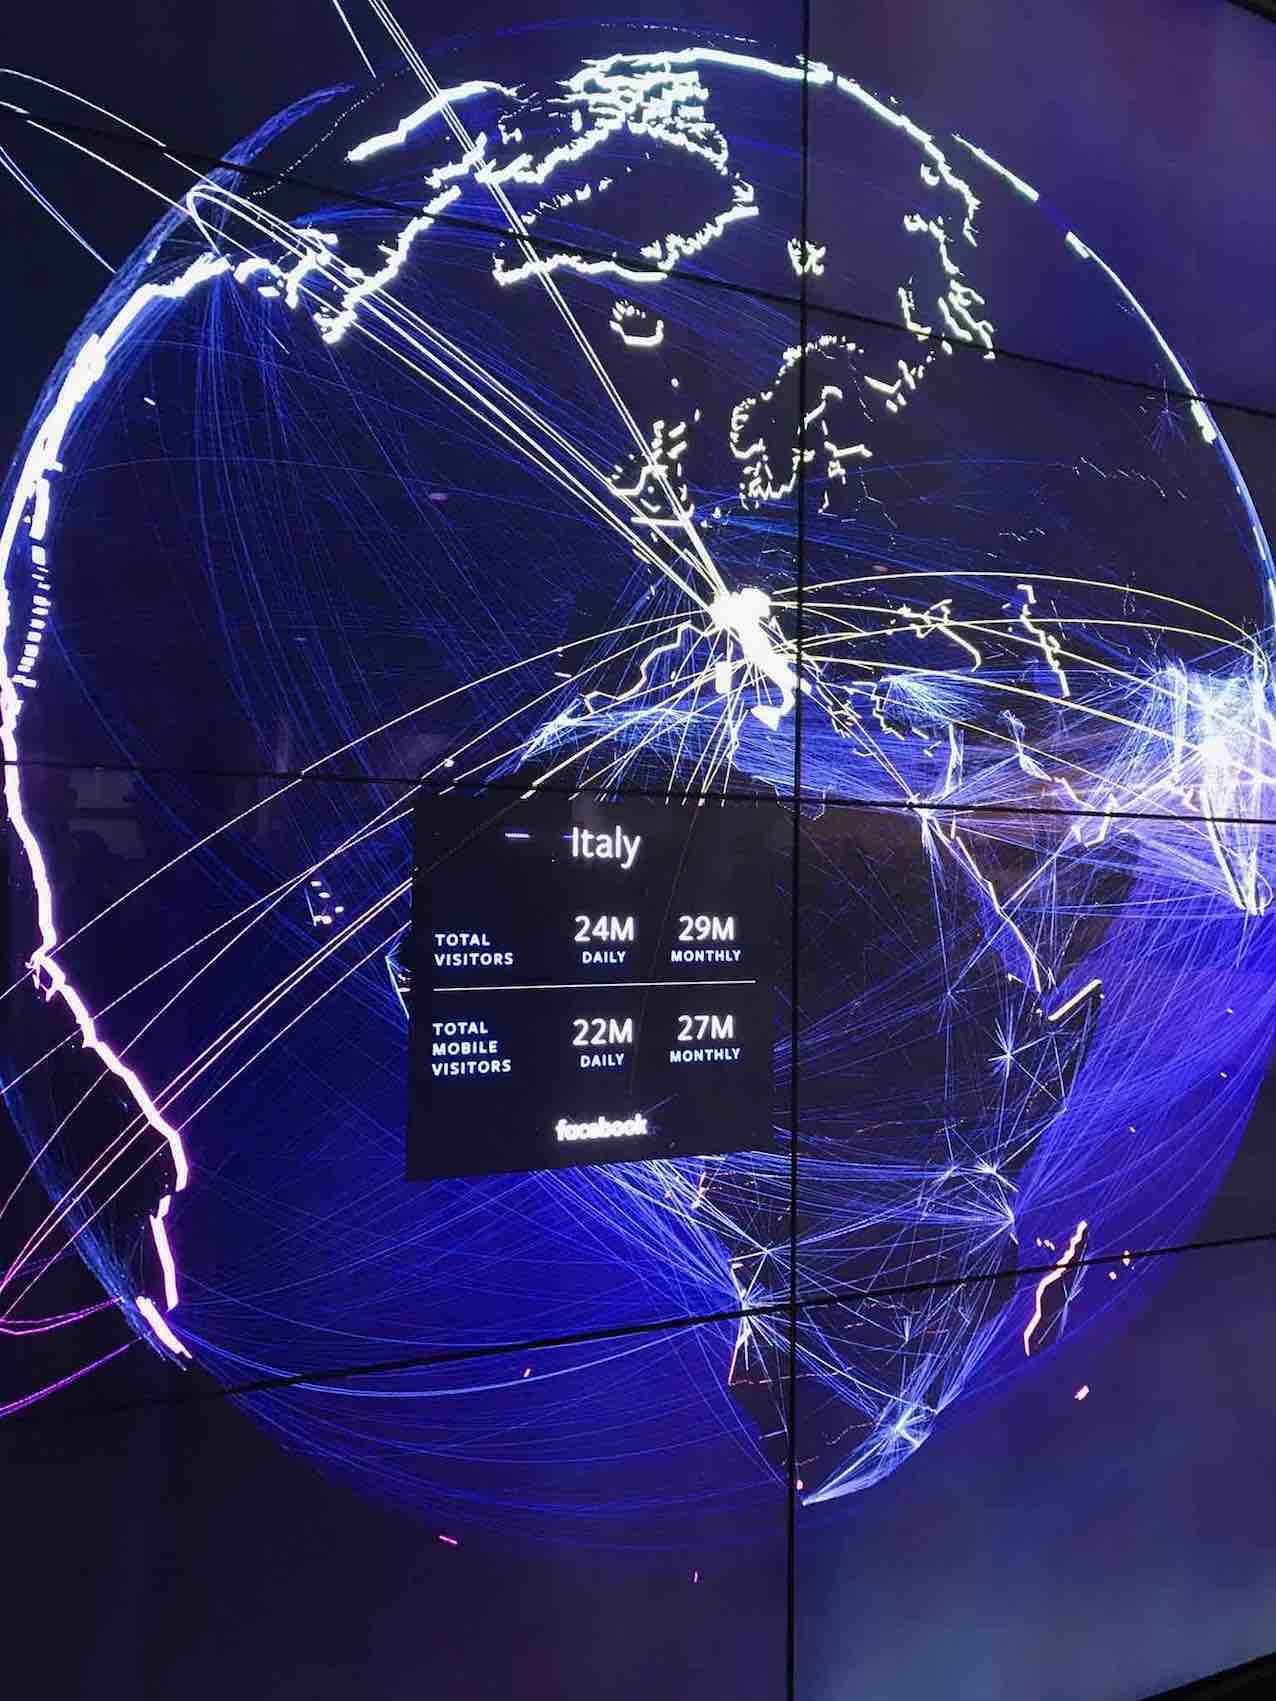 Visitatori italiani quotidiani su Facebook: 24 milioni